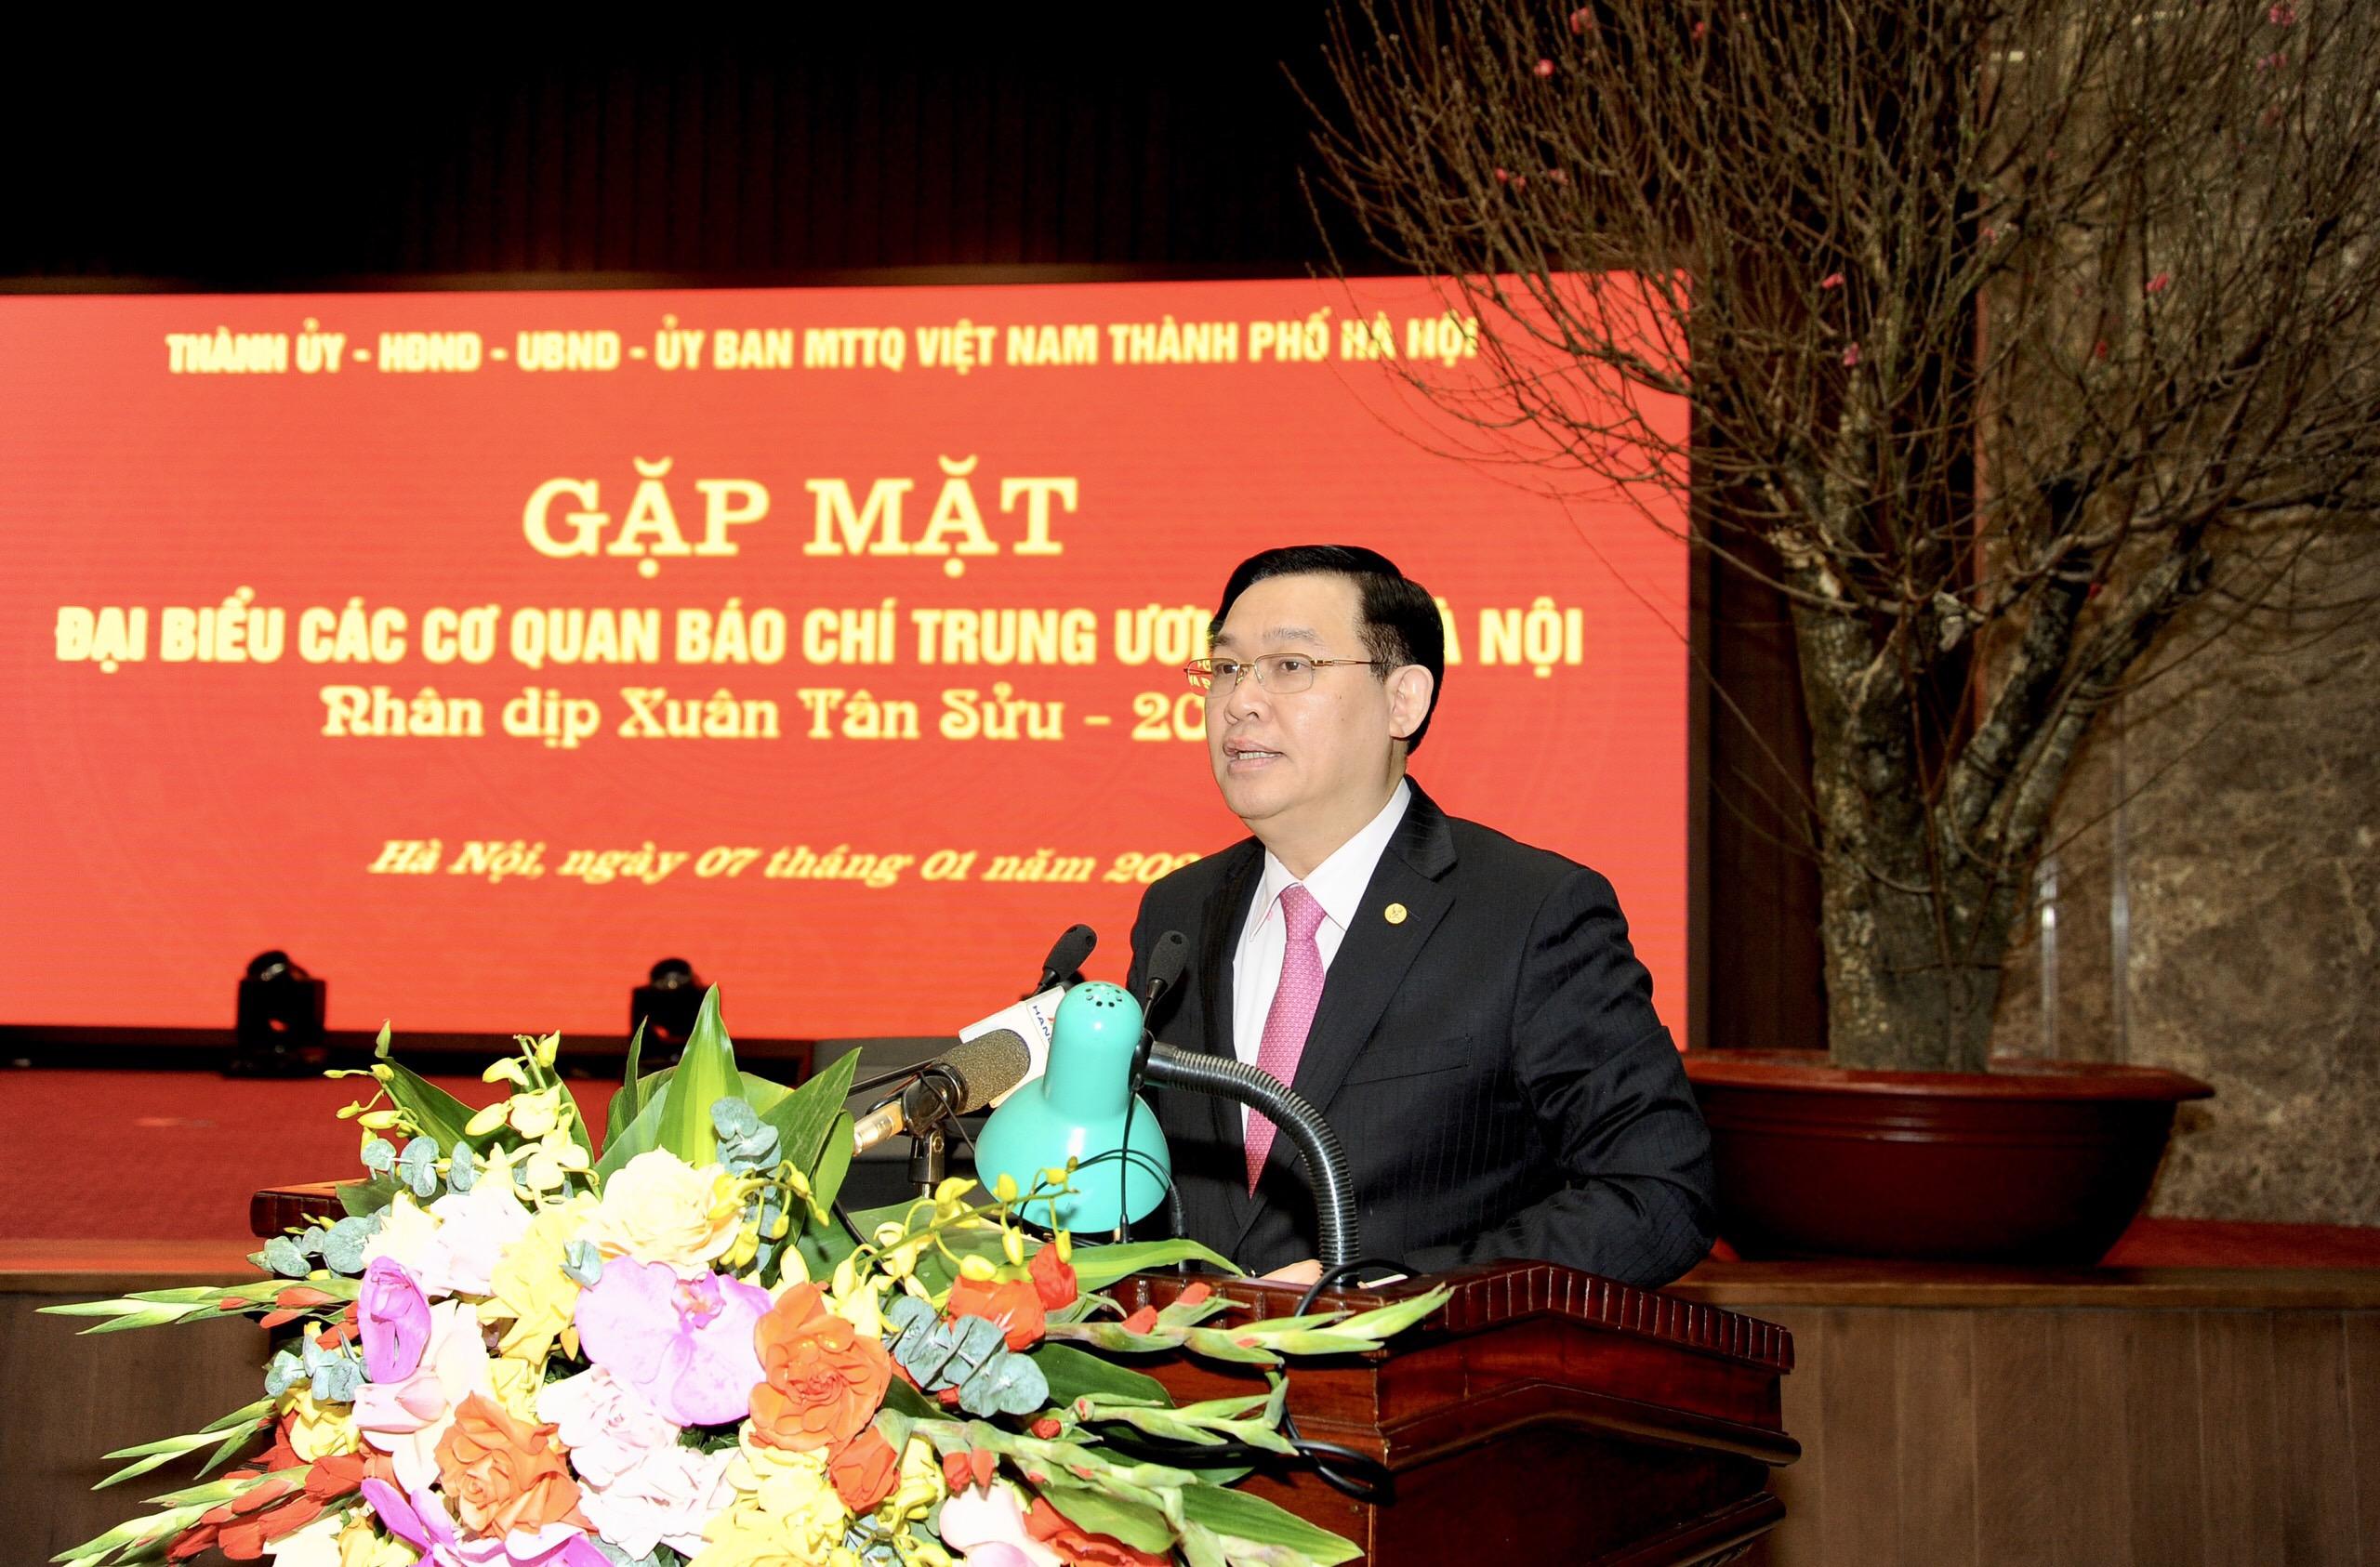 Bí Thư Thành Ủy Hà Nội, Vương Đình Huệ phát biểu tại buổi gặp mặt đại biểu các Cơ quan báo chí